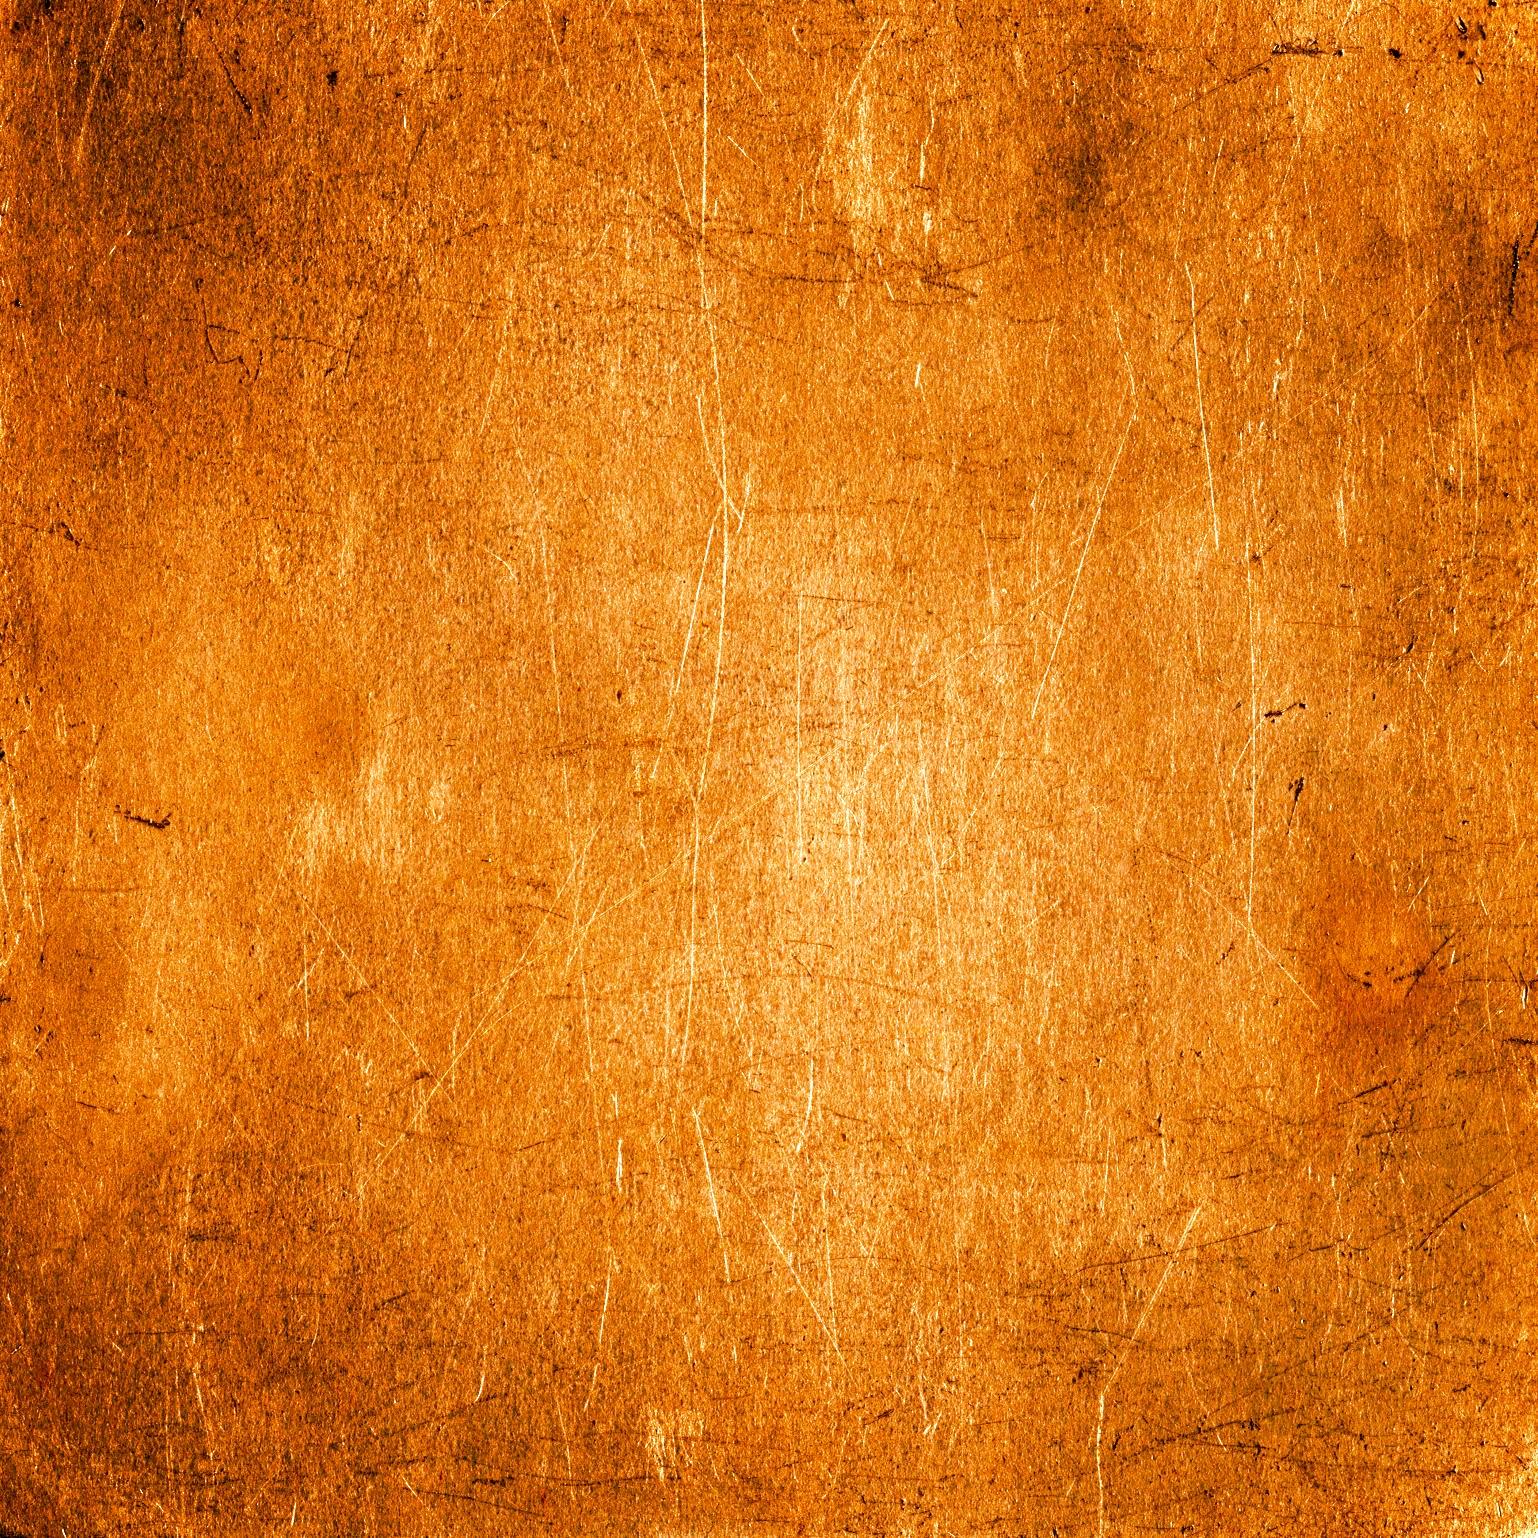 Gold Textured Wallpaper